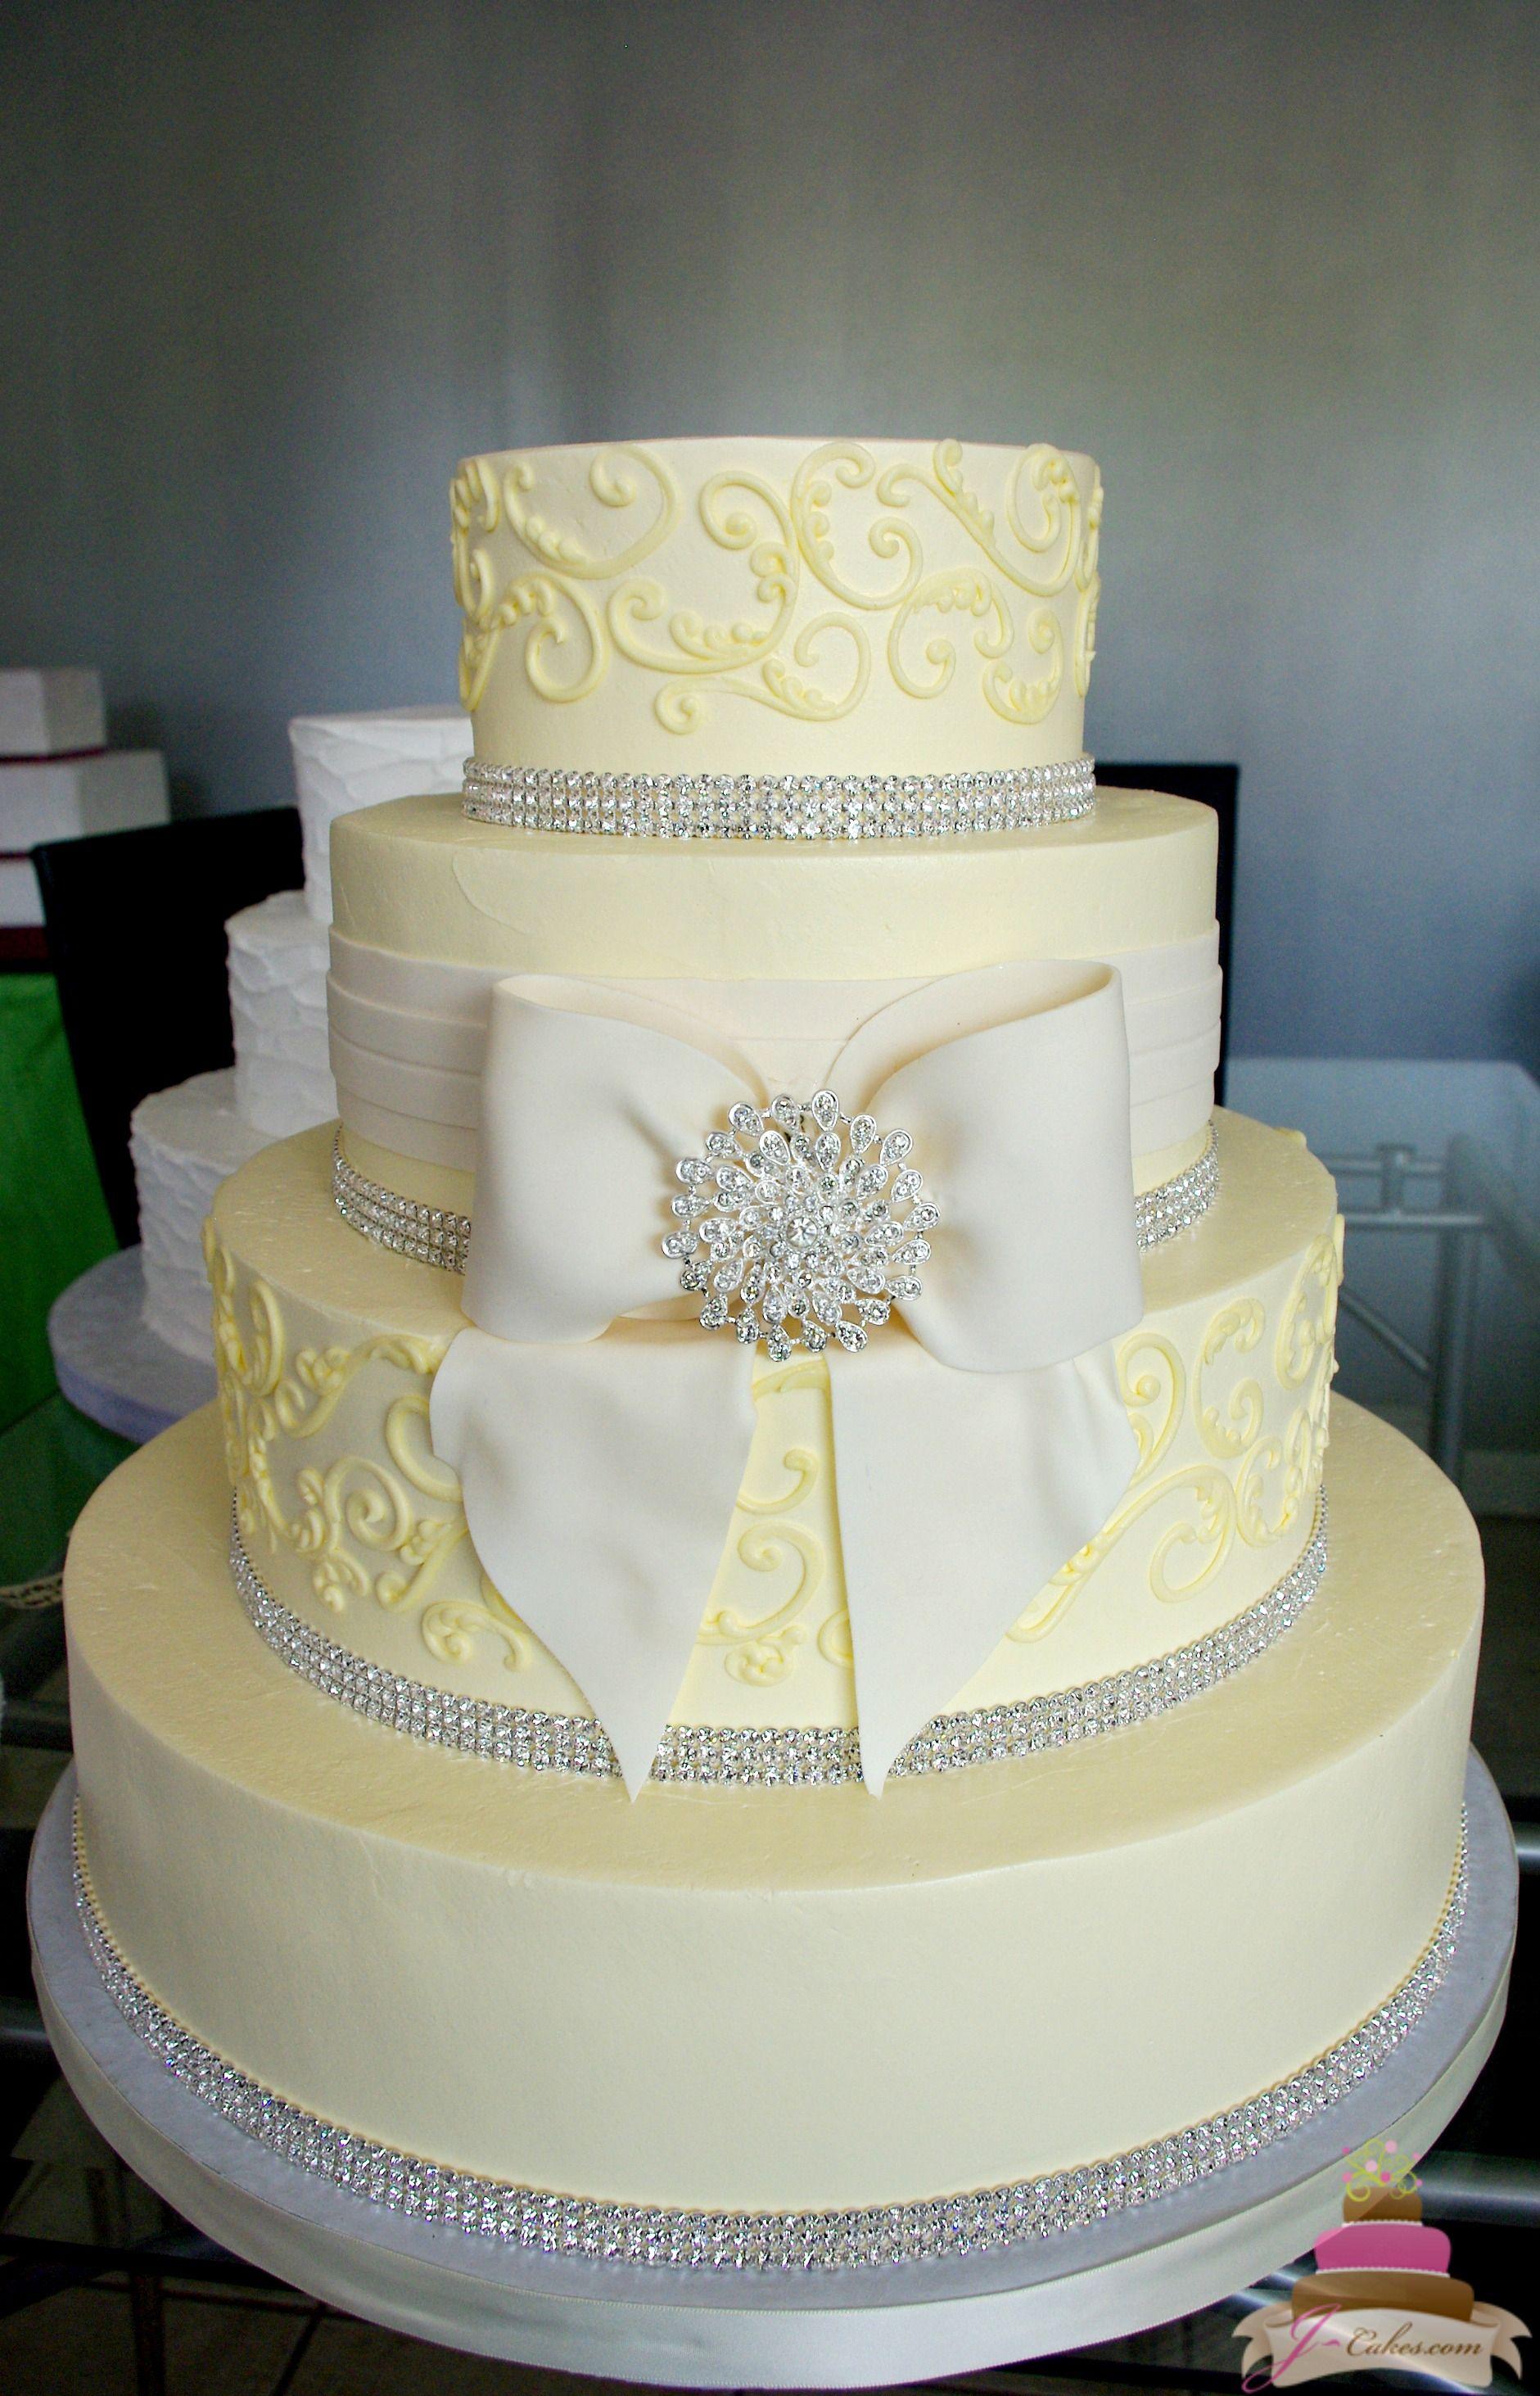 1149) Fondant Bow and Bling Wedding Cake | Icing | Pinterest ...